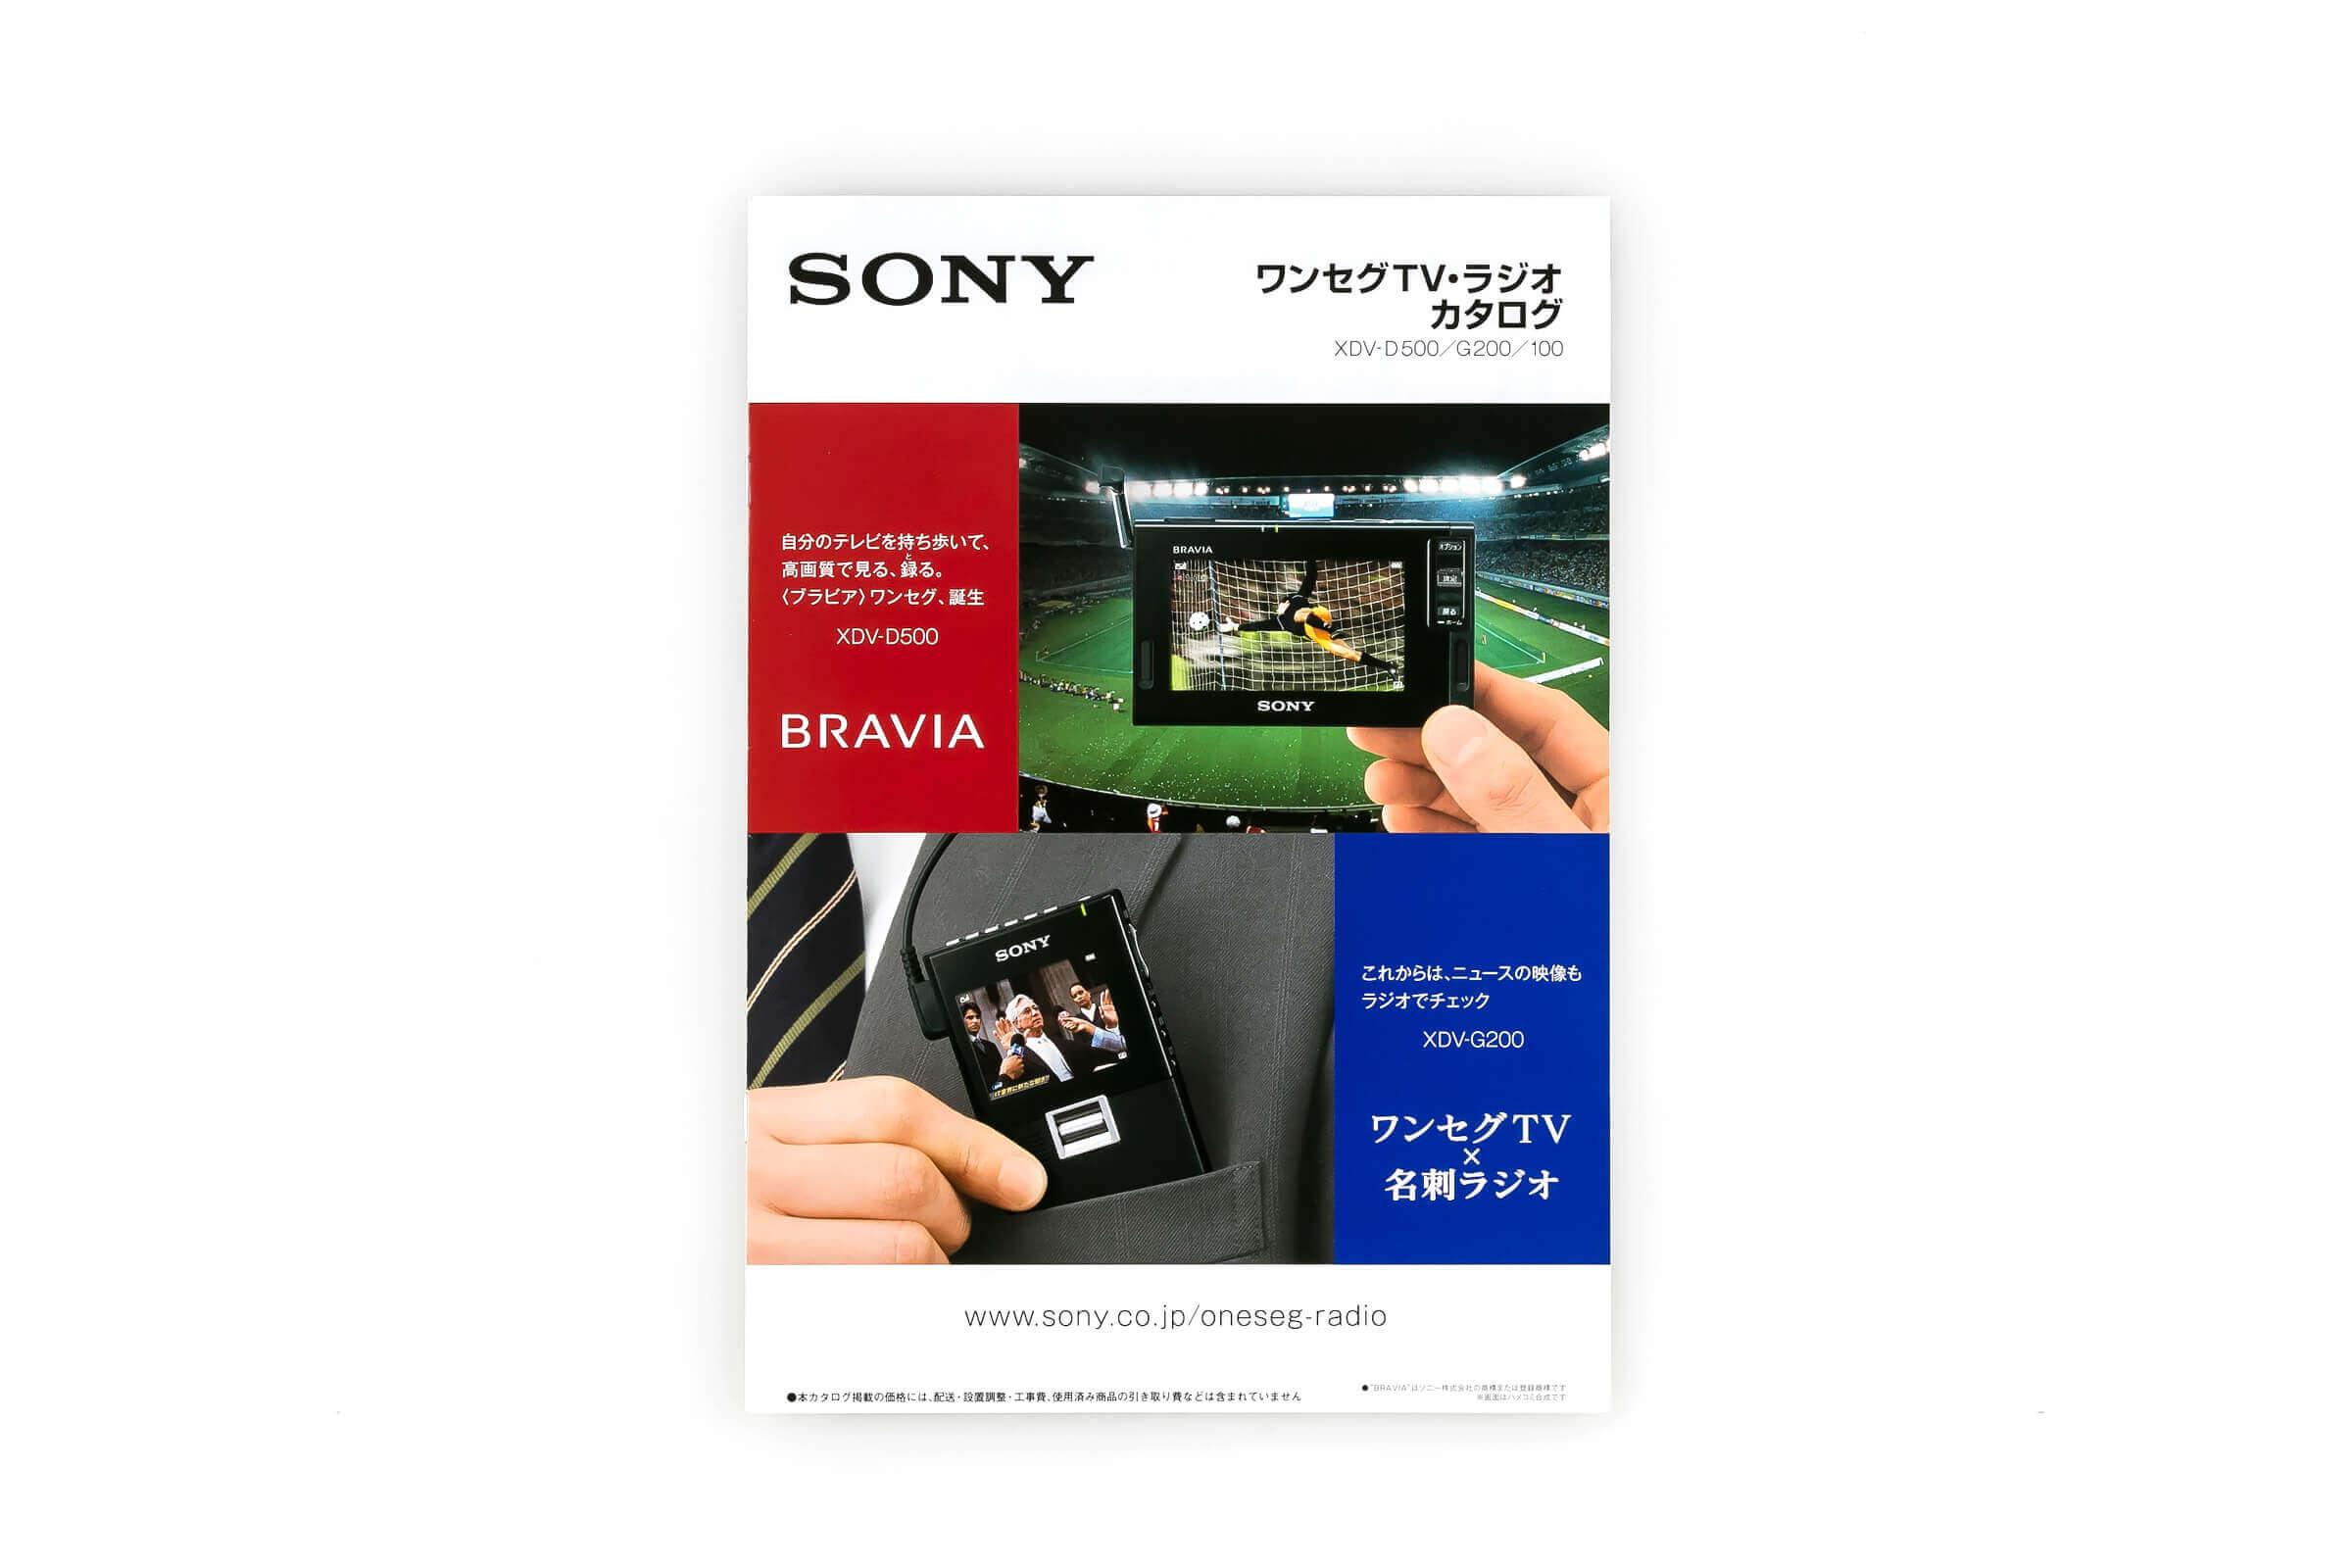 ワンセグTV・ラジオカタログ 表紙